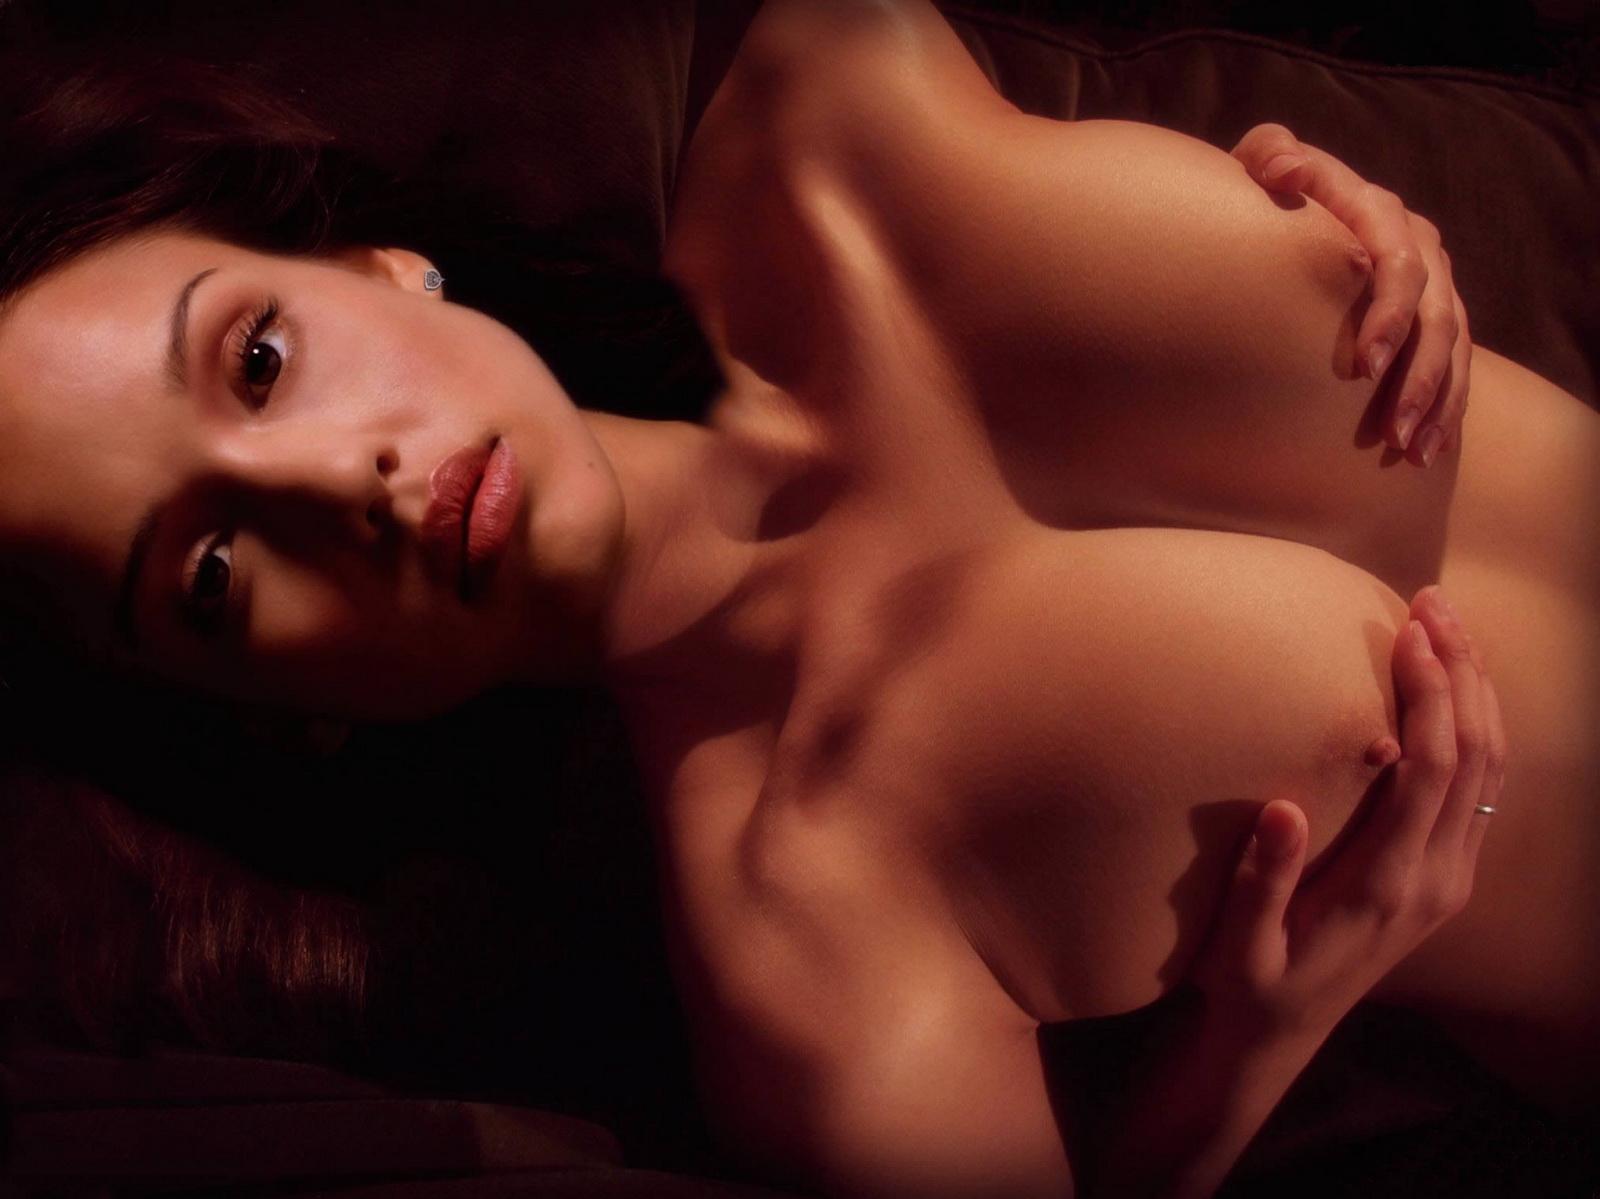 Hindi sex girl photos